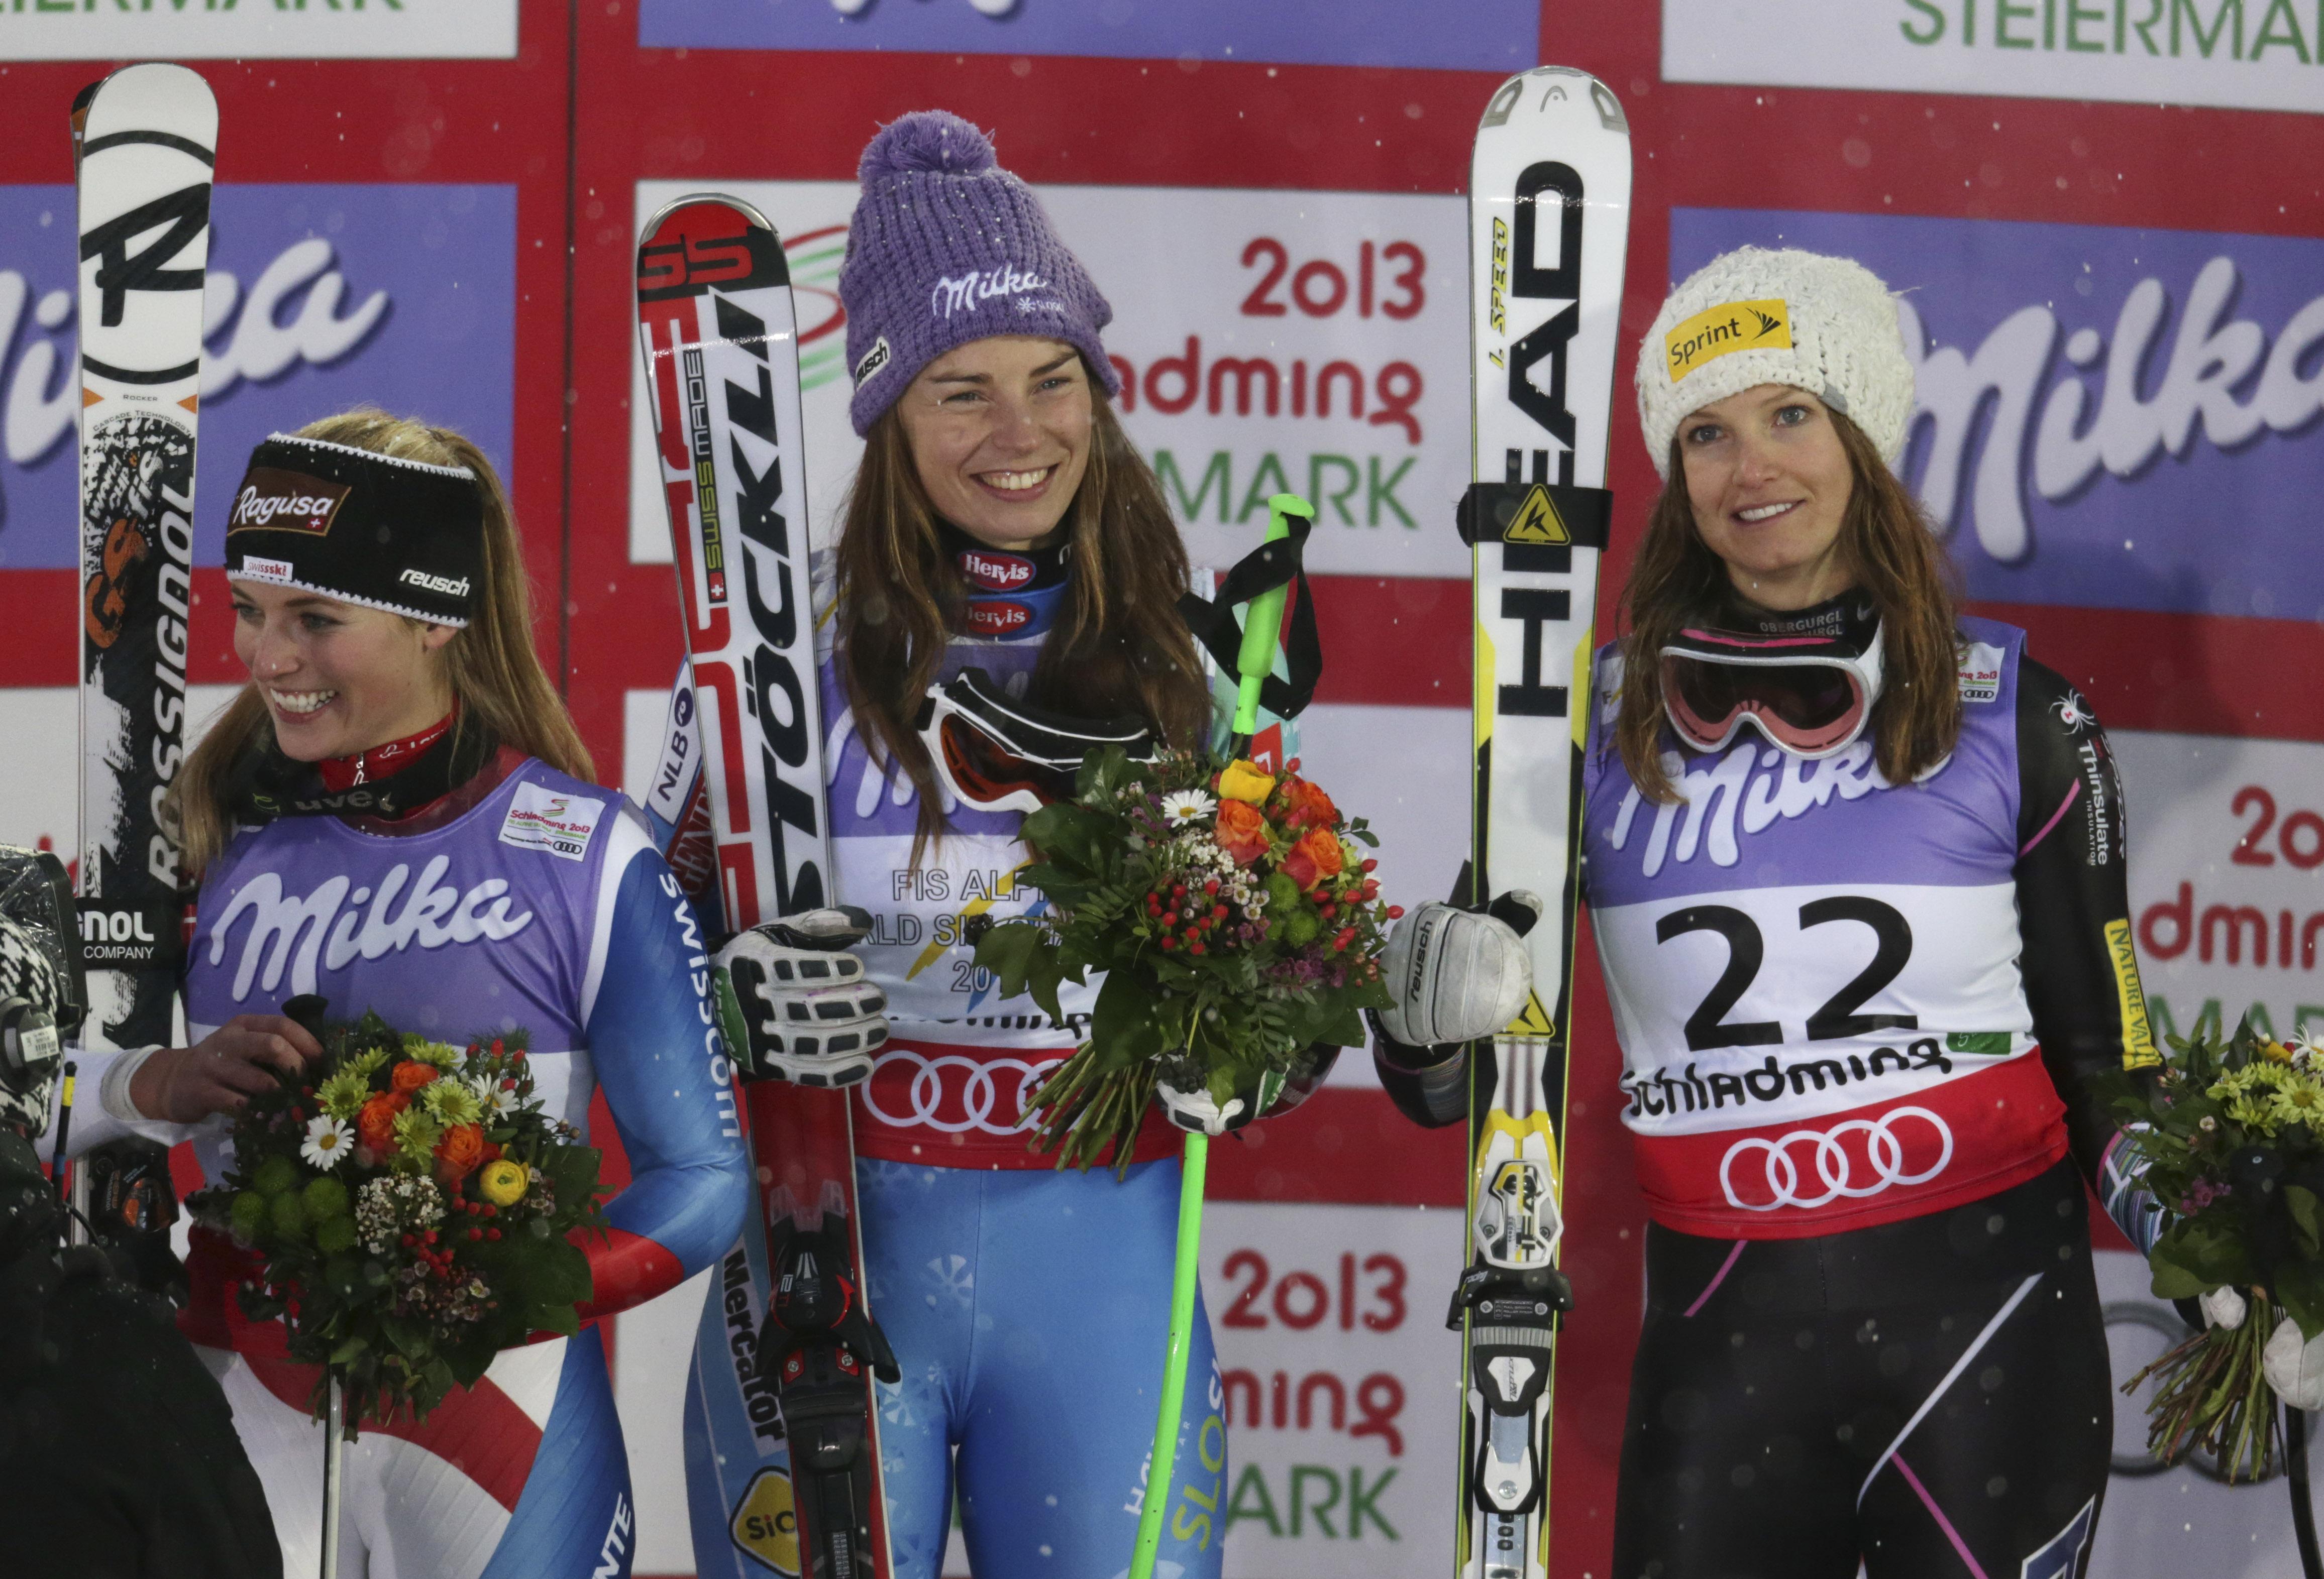 Тина Мазе выиграла супергигант на чемпионате мира в австрийском Шладминге